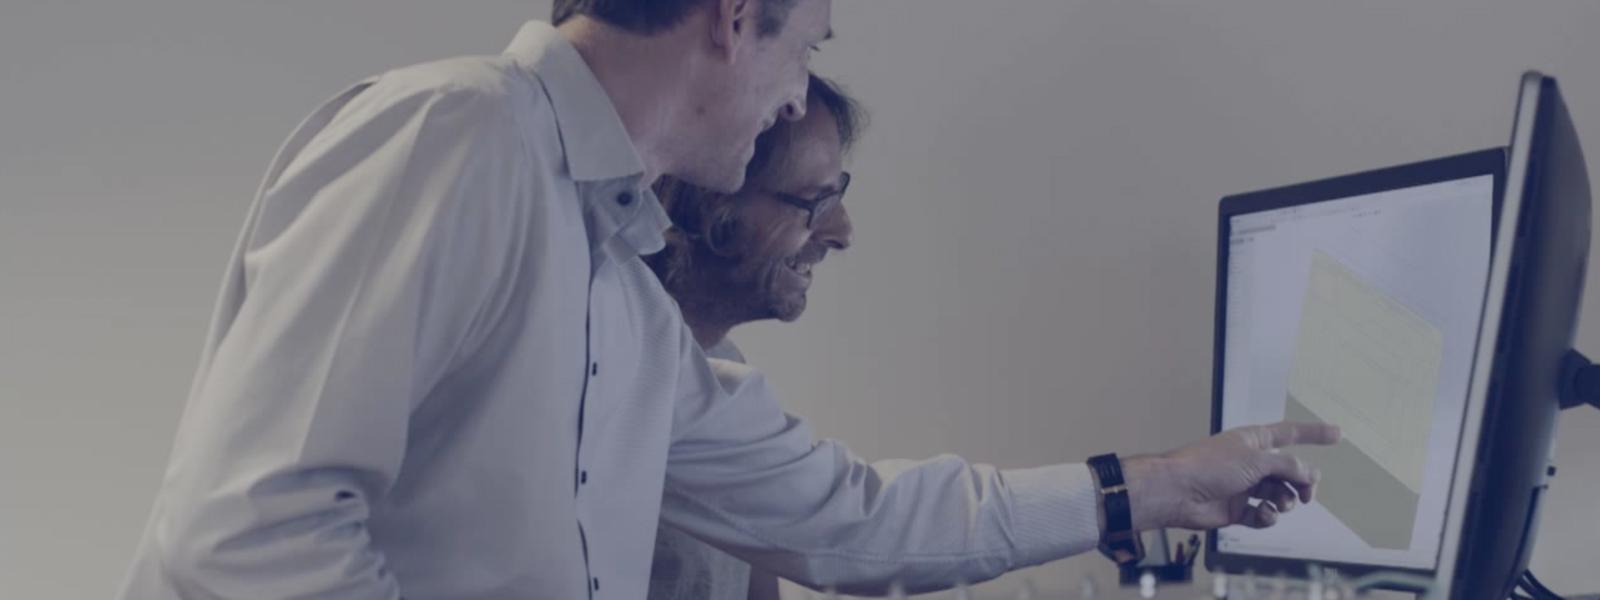 Vi designer vores løsninger i 3D med SolidWorks